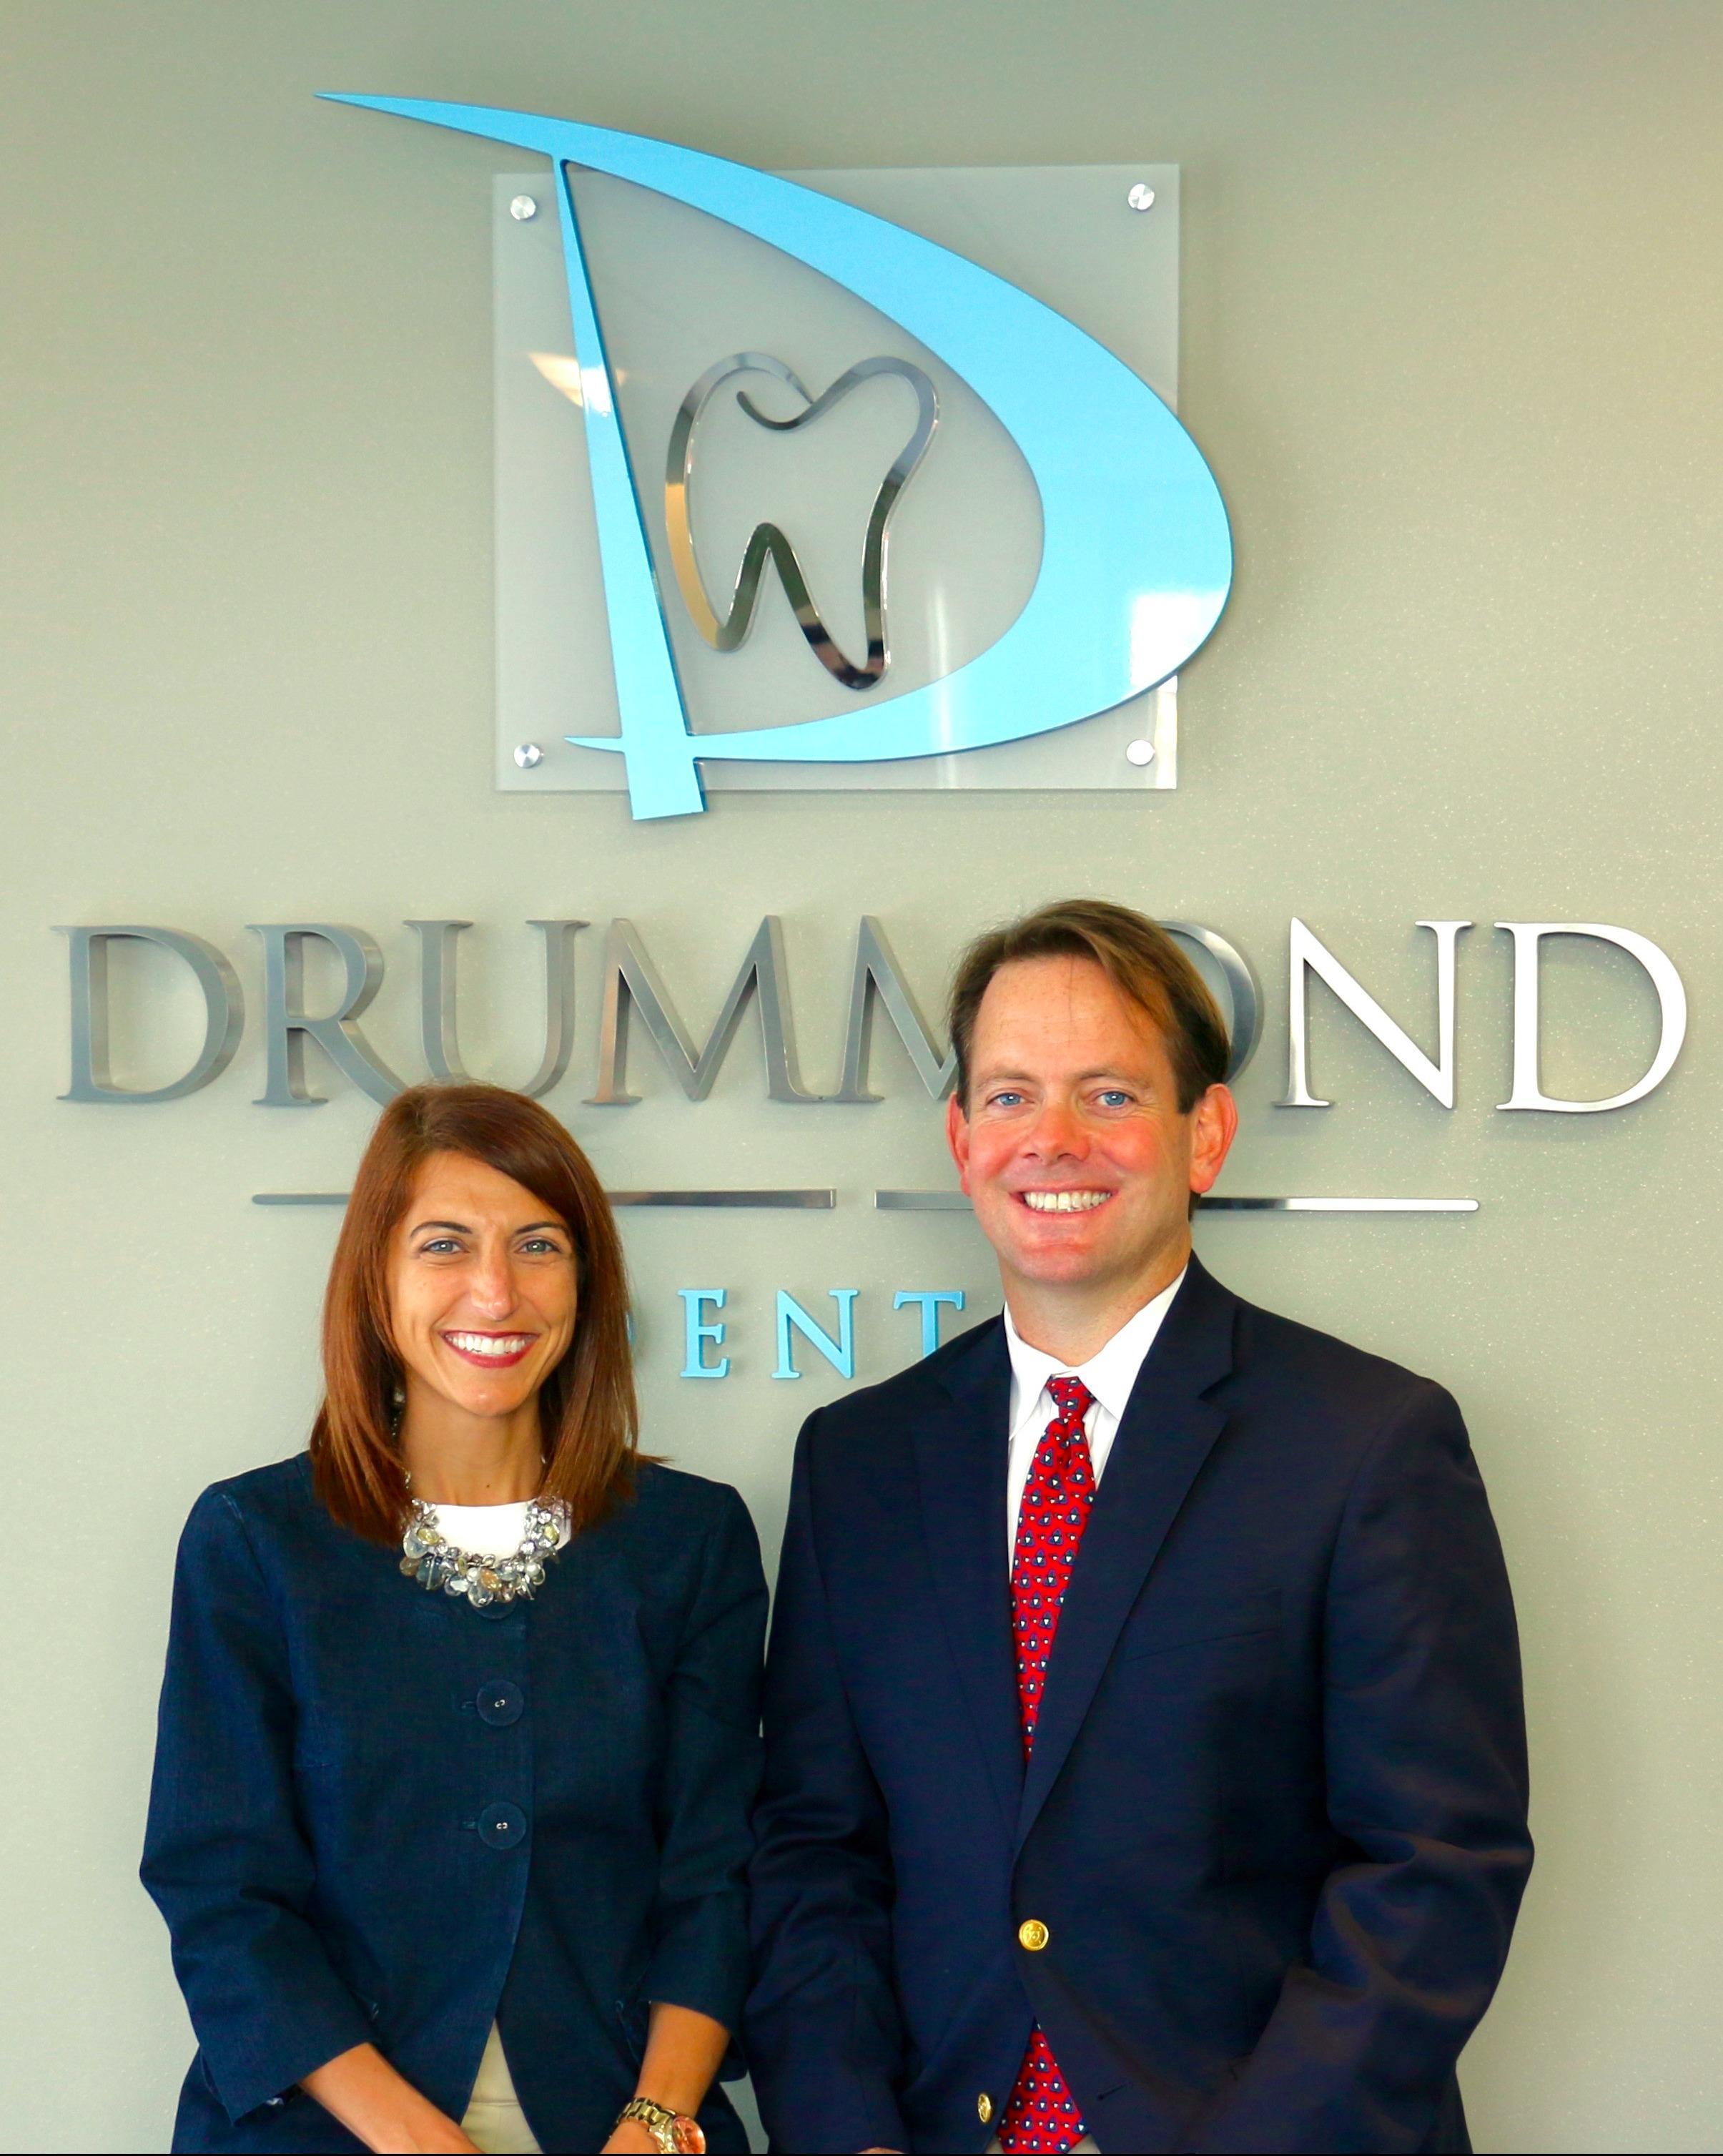 Drummond Dental Care: Thomas M. Drummond, DMD image 1